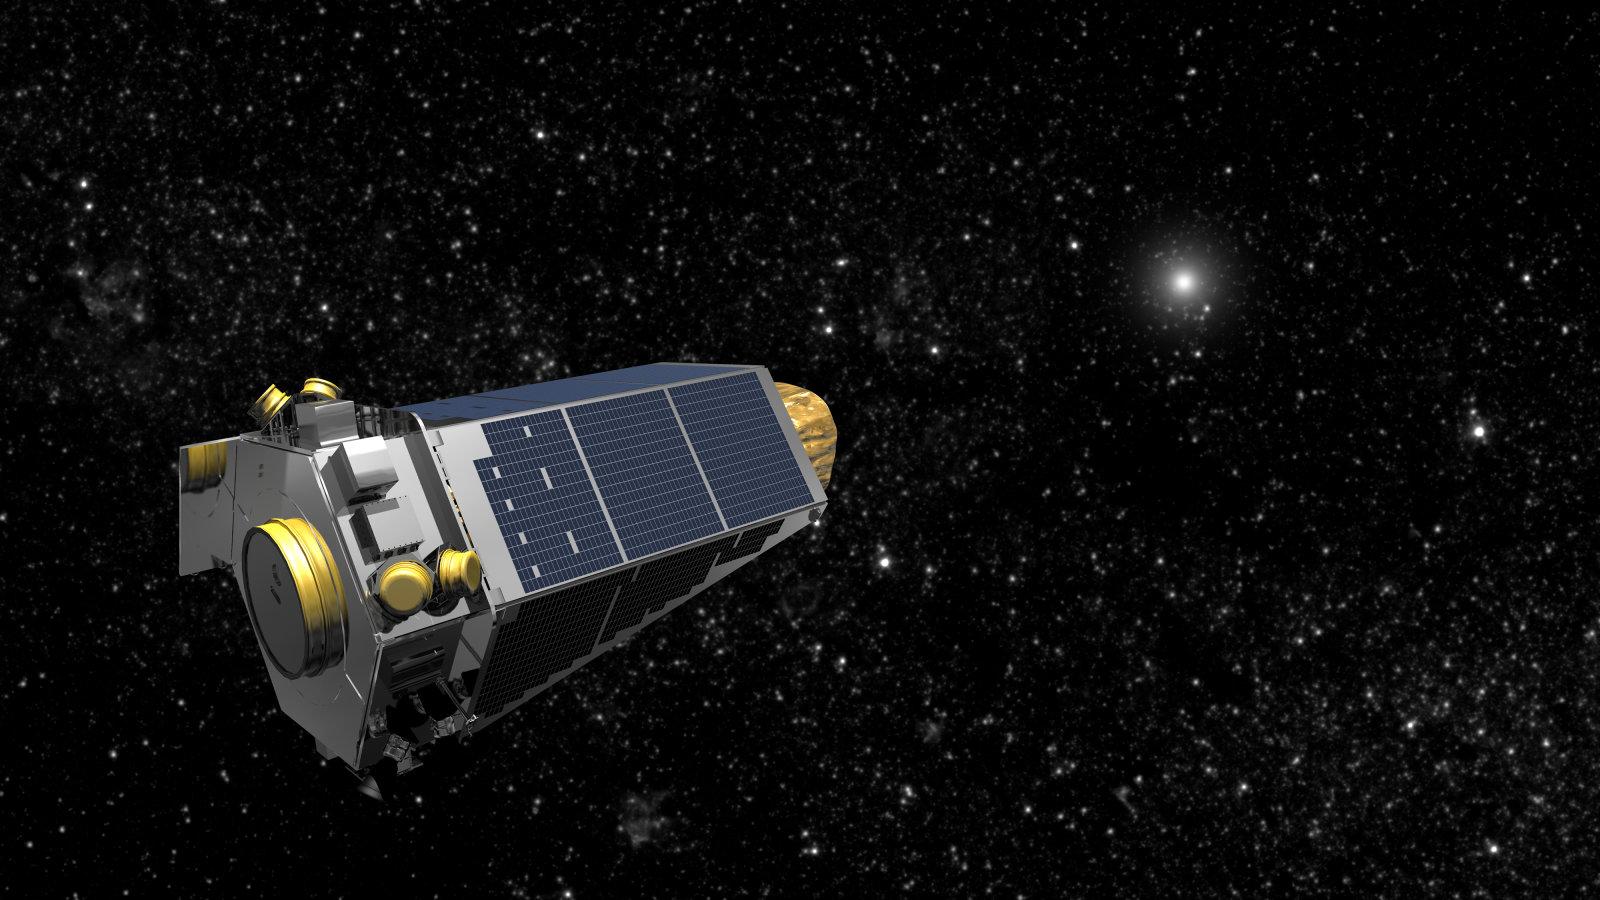 ケプラー宇宙望遠鏡があと数か月で燃料切れ 観測終了へ 打ち上げから